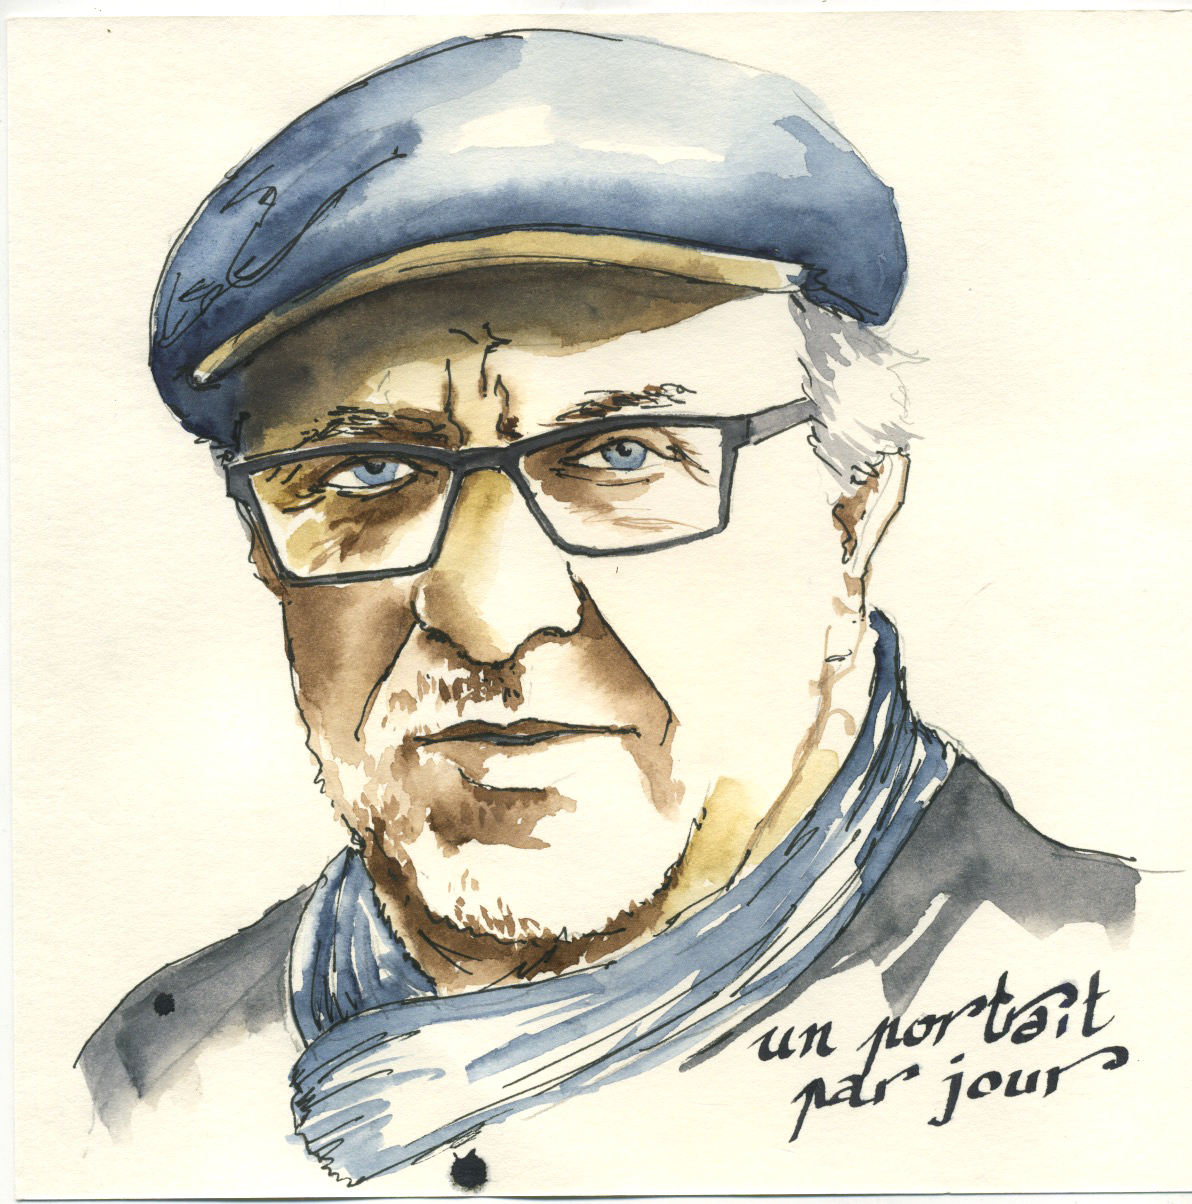 portrait à l'aquarelle d'un homme avec une casquette